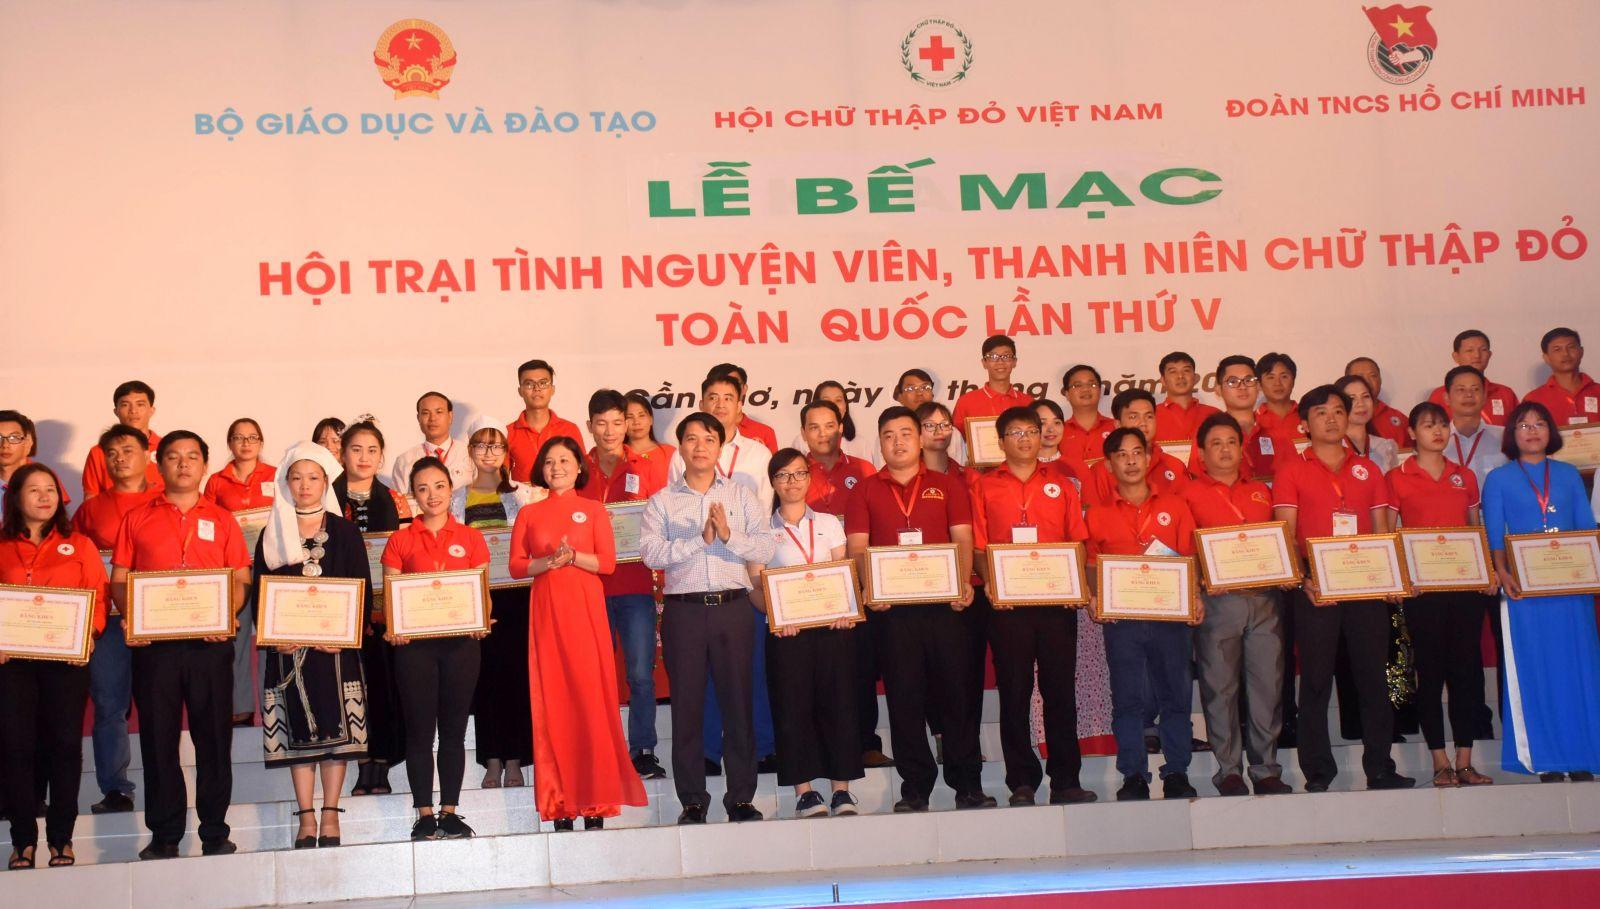 Lãnh đạo Trung ương Hội CTĐ Việt Nam và Trung ương Đoàn Thanh niên Cộng sản Hồ Chí Minh trao Bằng khen của Trung ương Hội cho 60 TNV tiêu biểu toàn quốc. Ảnh: X.Đào